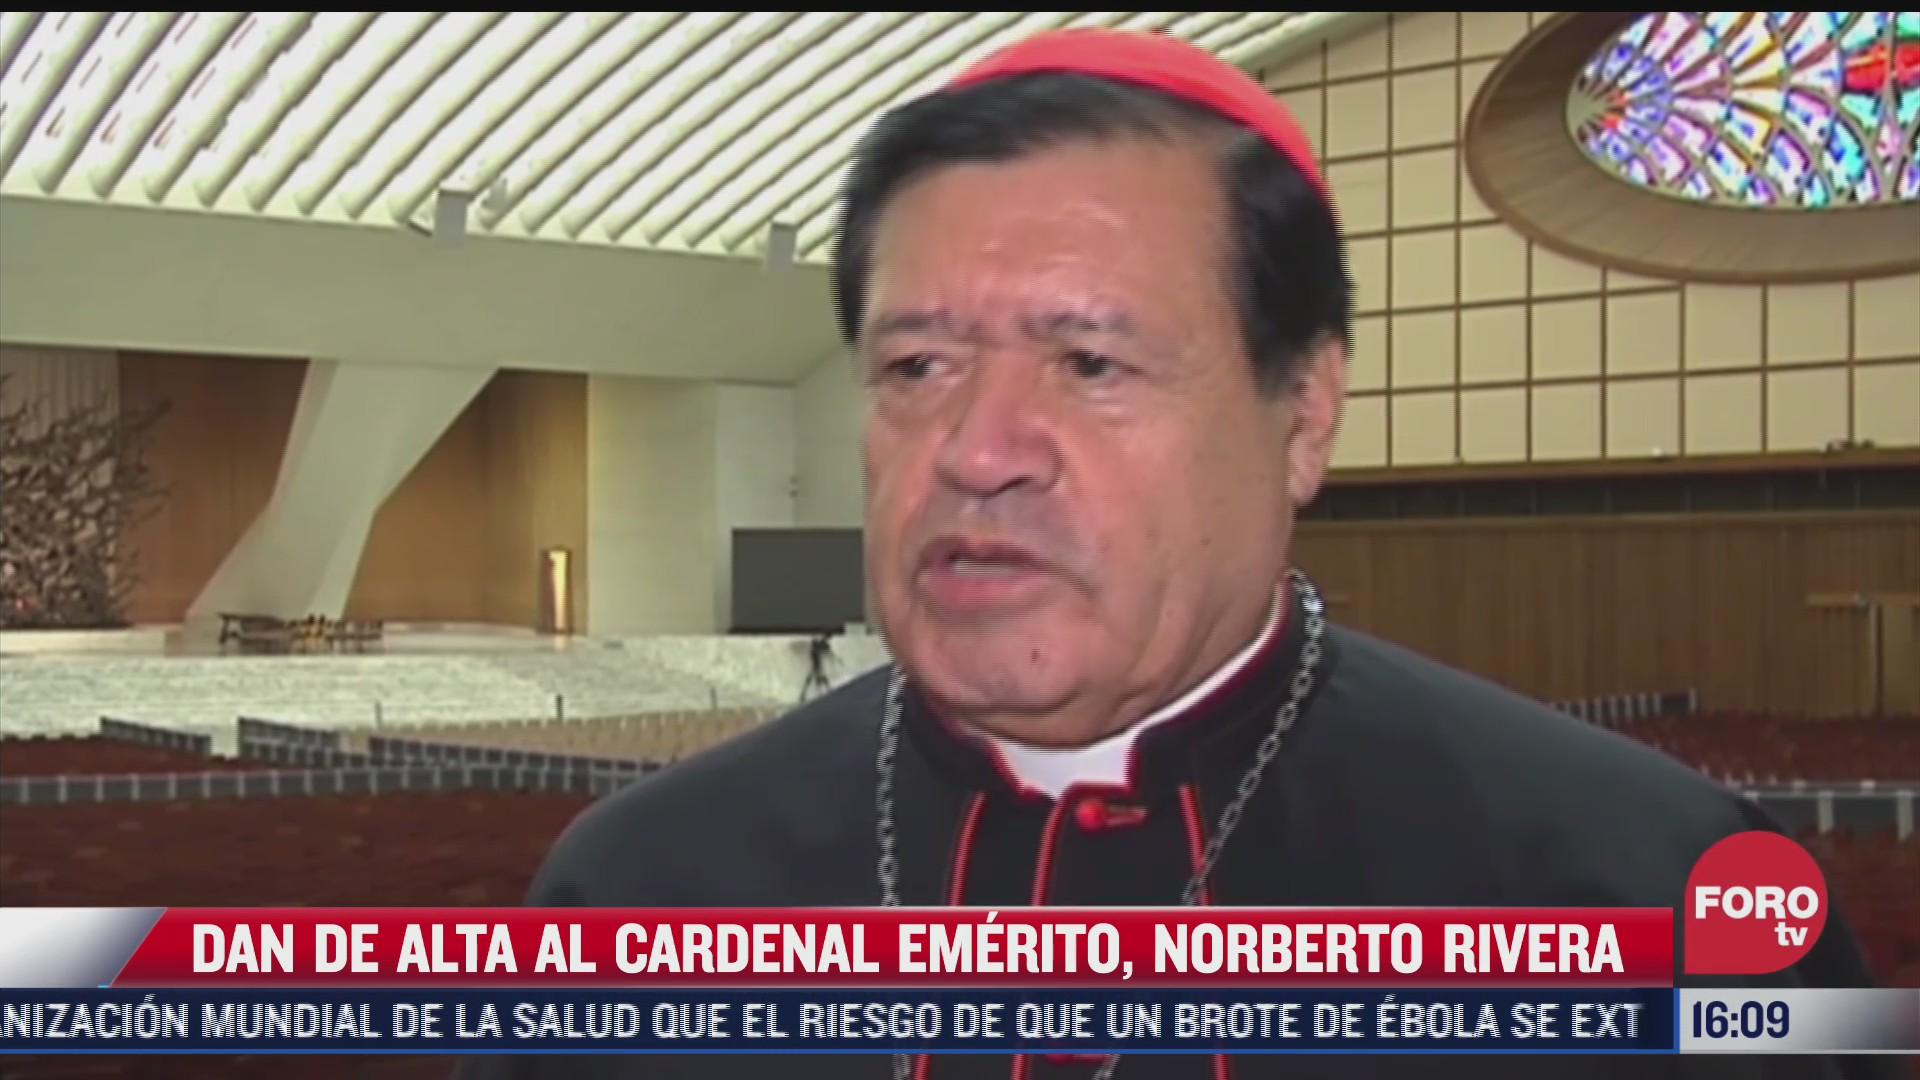 sale del hospital el cardenal norberto rivera tras contagio de covid